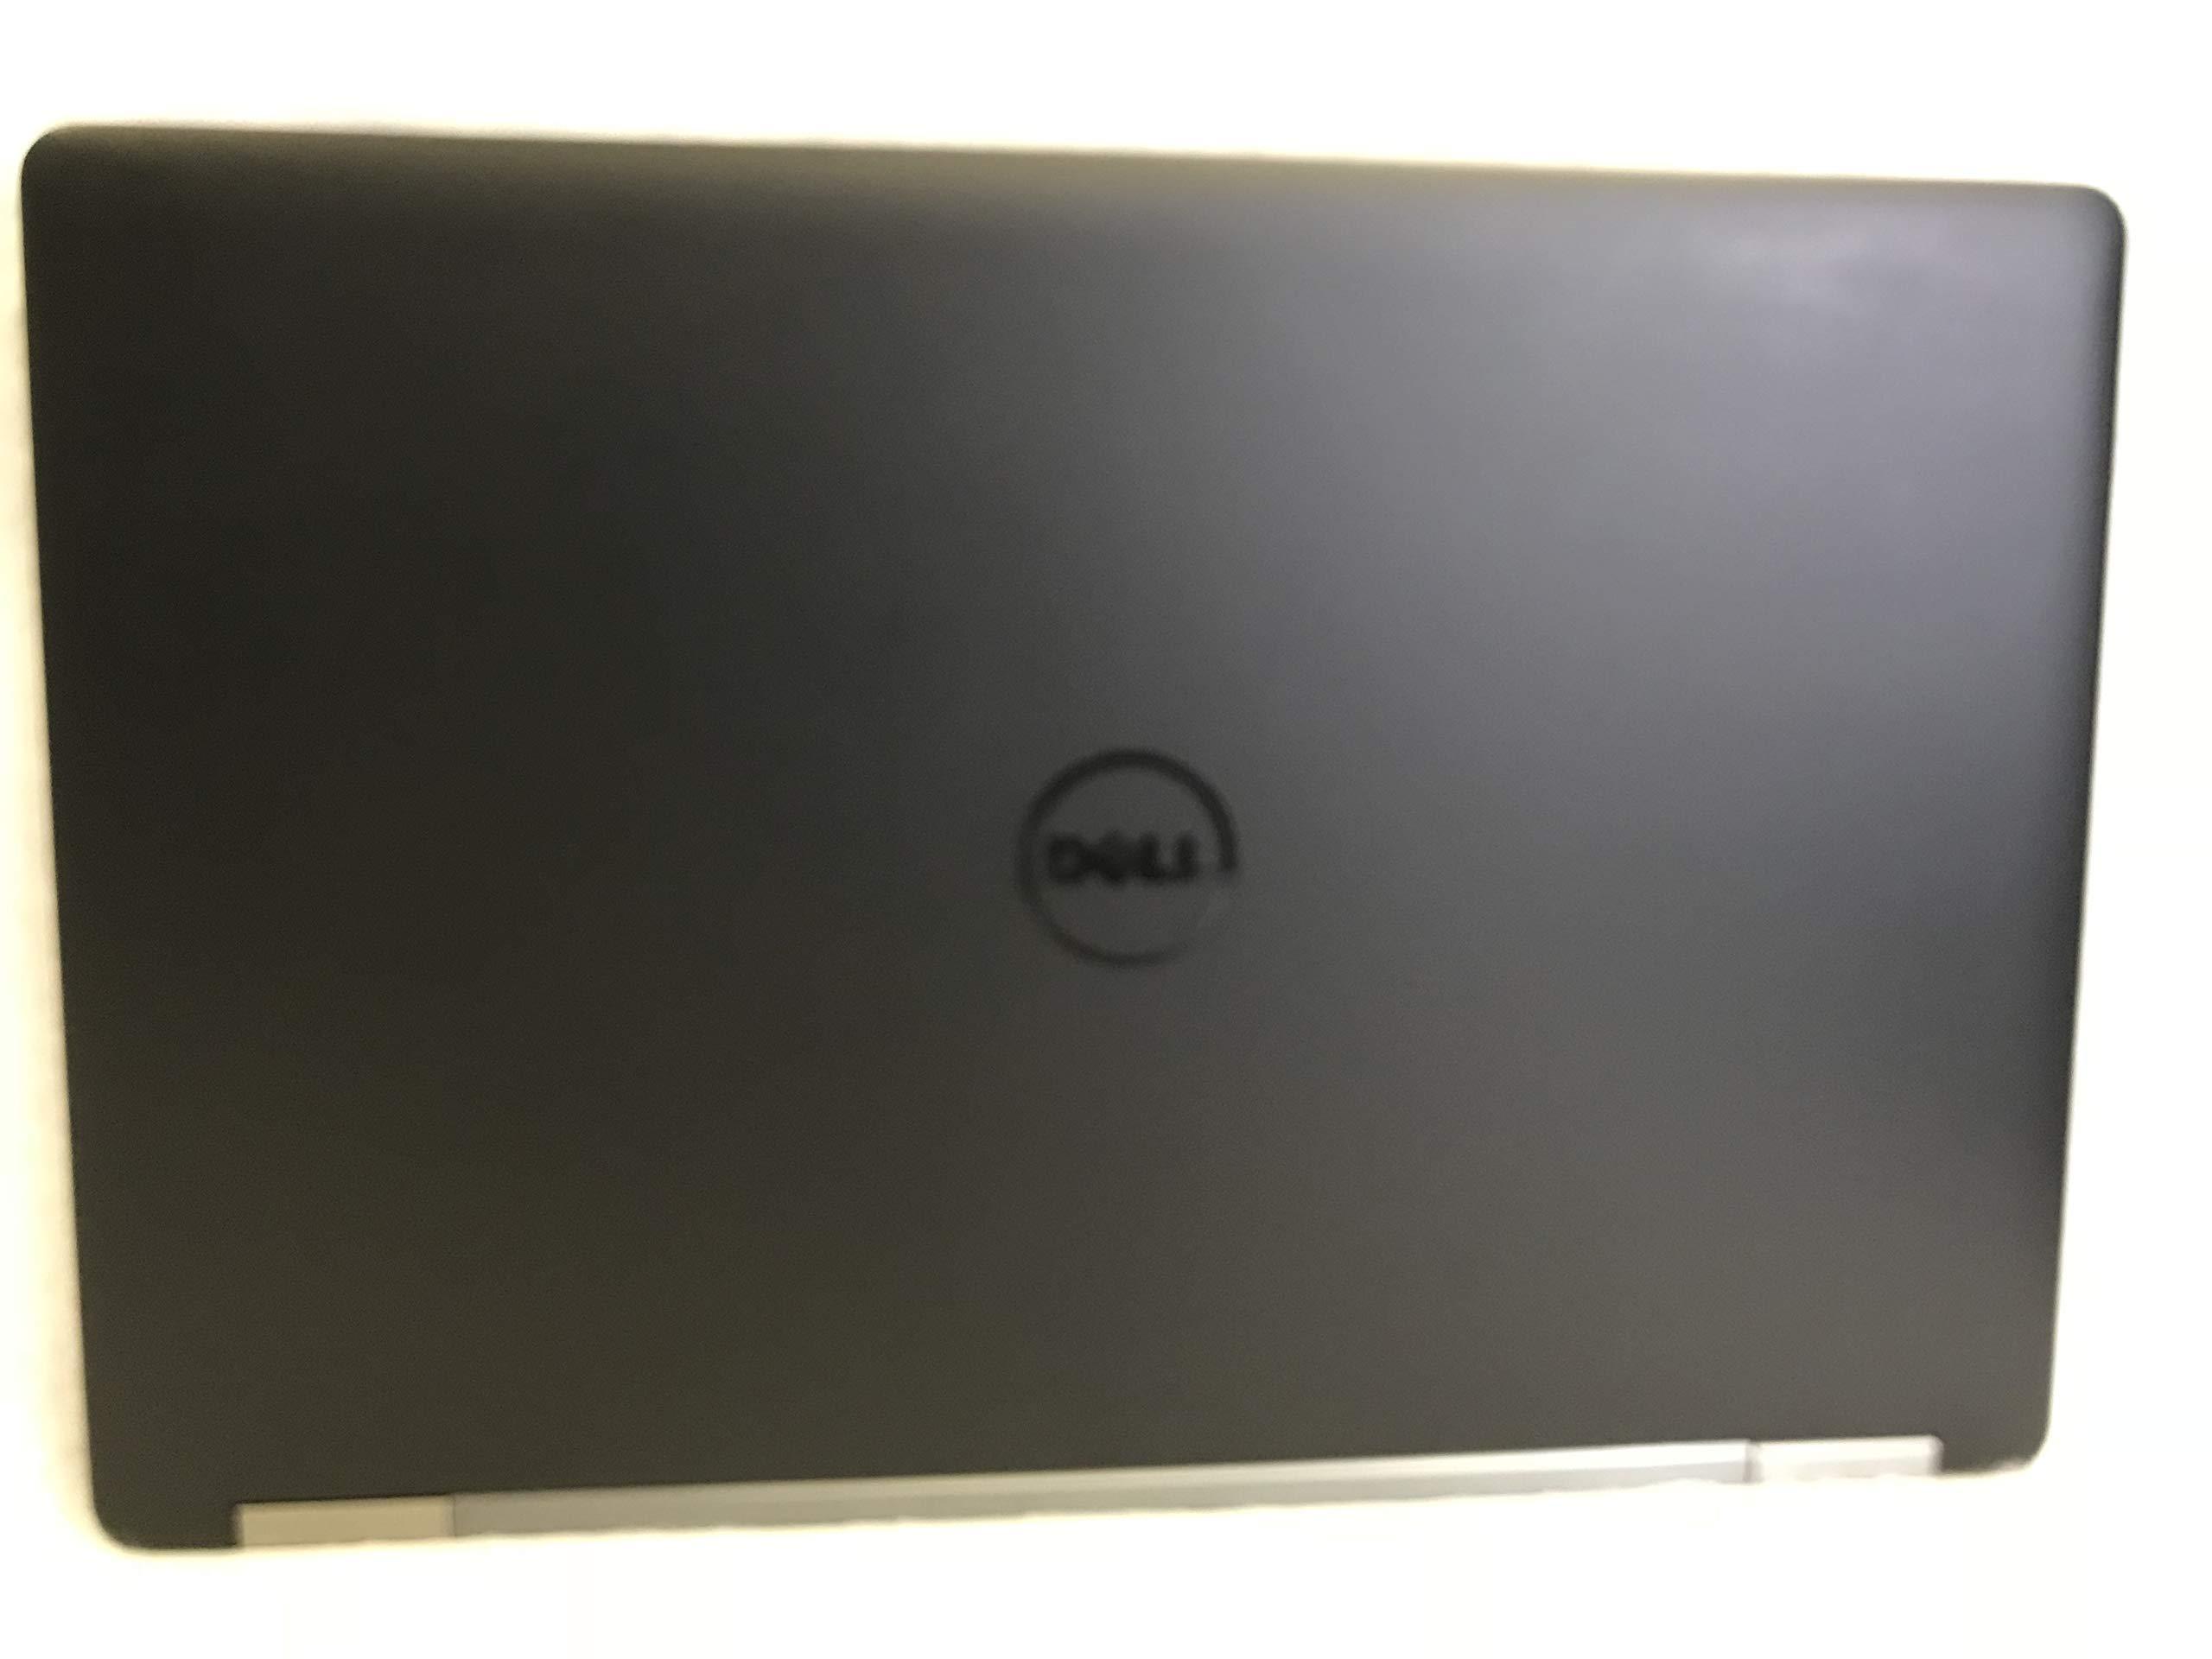 Dell Latitude E5570 Intel Core i5-6300U X2 2.4GHz 8GB 256GB SSD 15.6'' Win10,Black (Renewed)